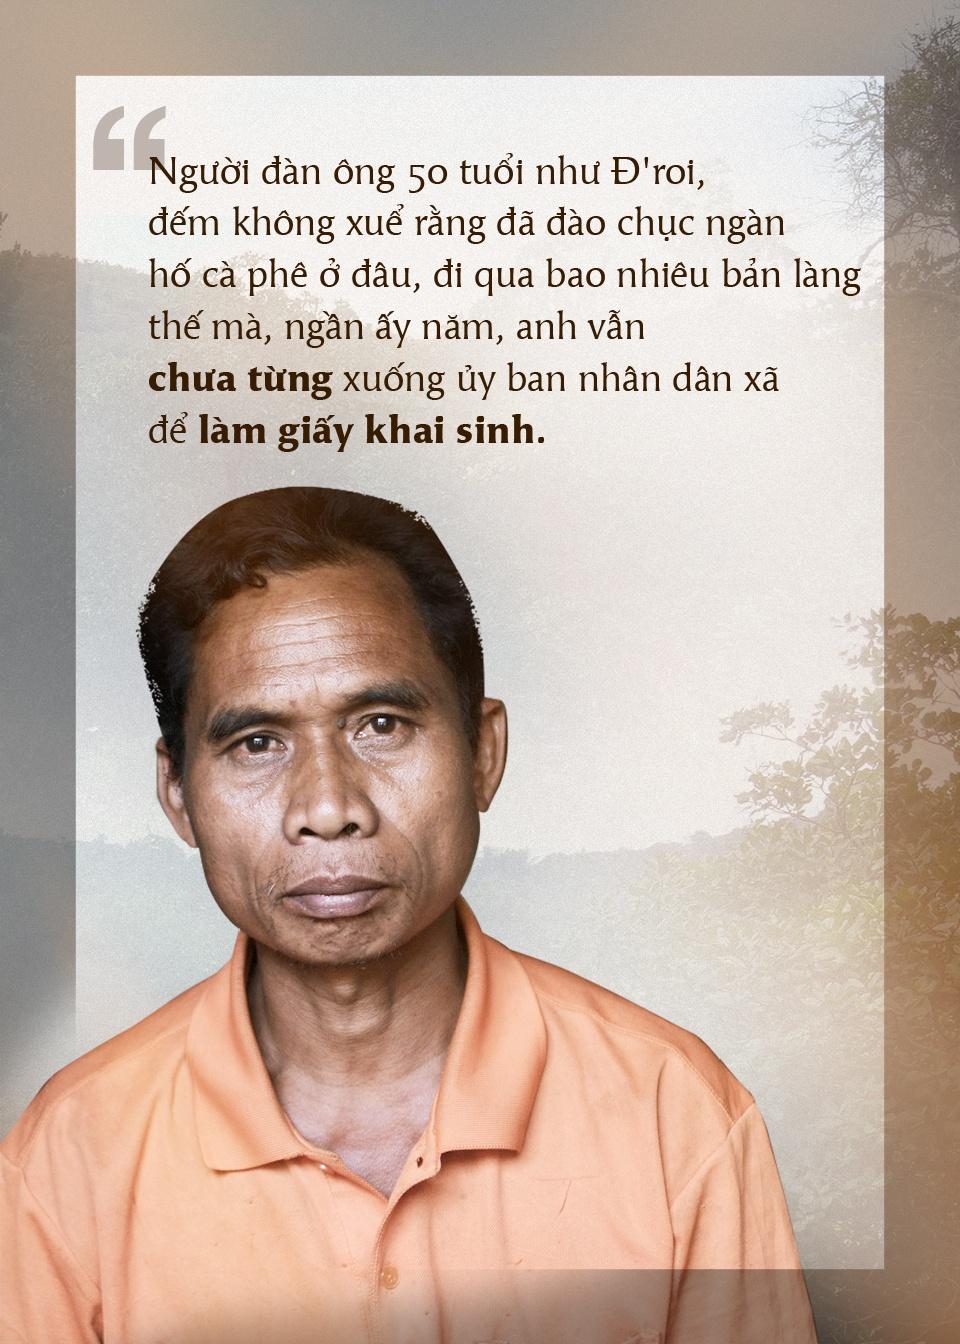 nguoi M'Nong,  Ol Bu Tung,  Zalo,  Hanh chinh Cong anh 6